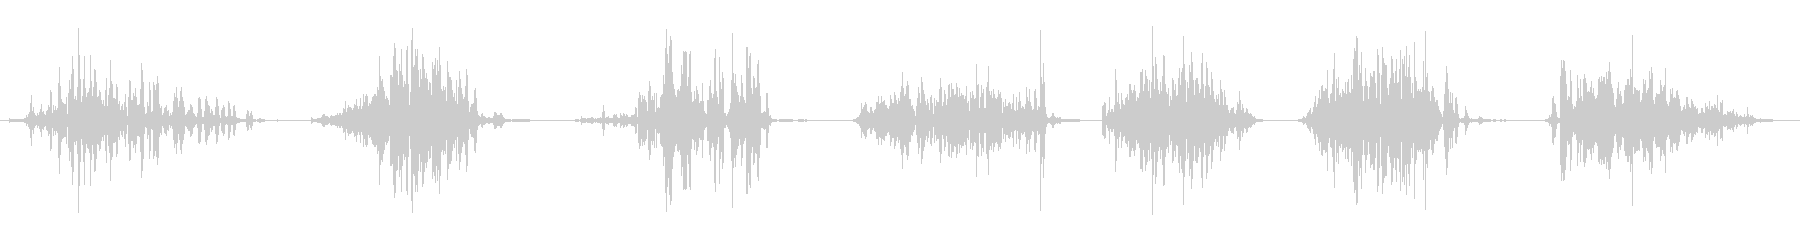 ウッド、ヘビードラッグx7の未再生の波形